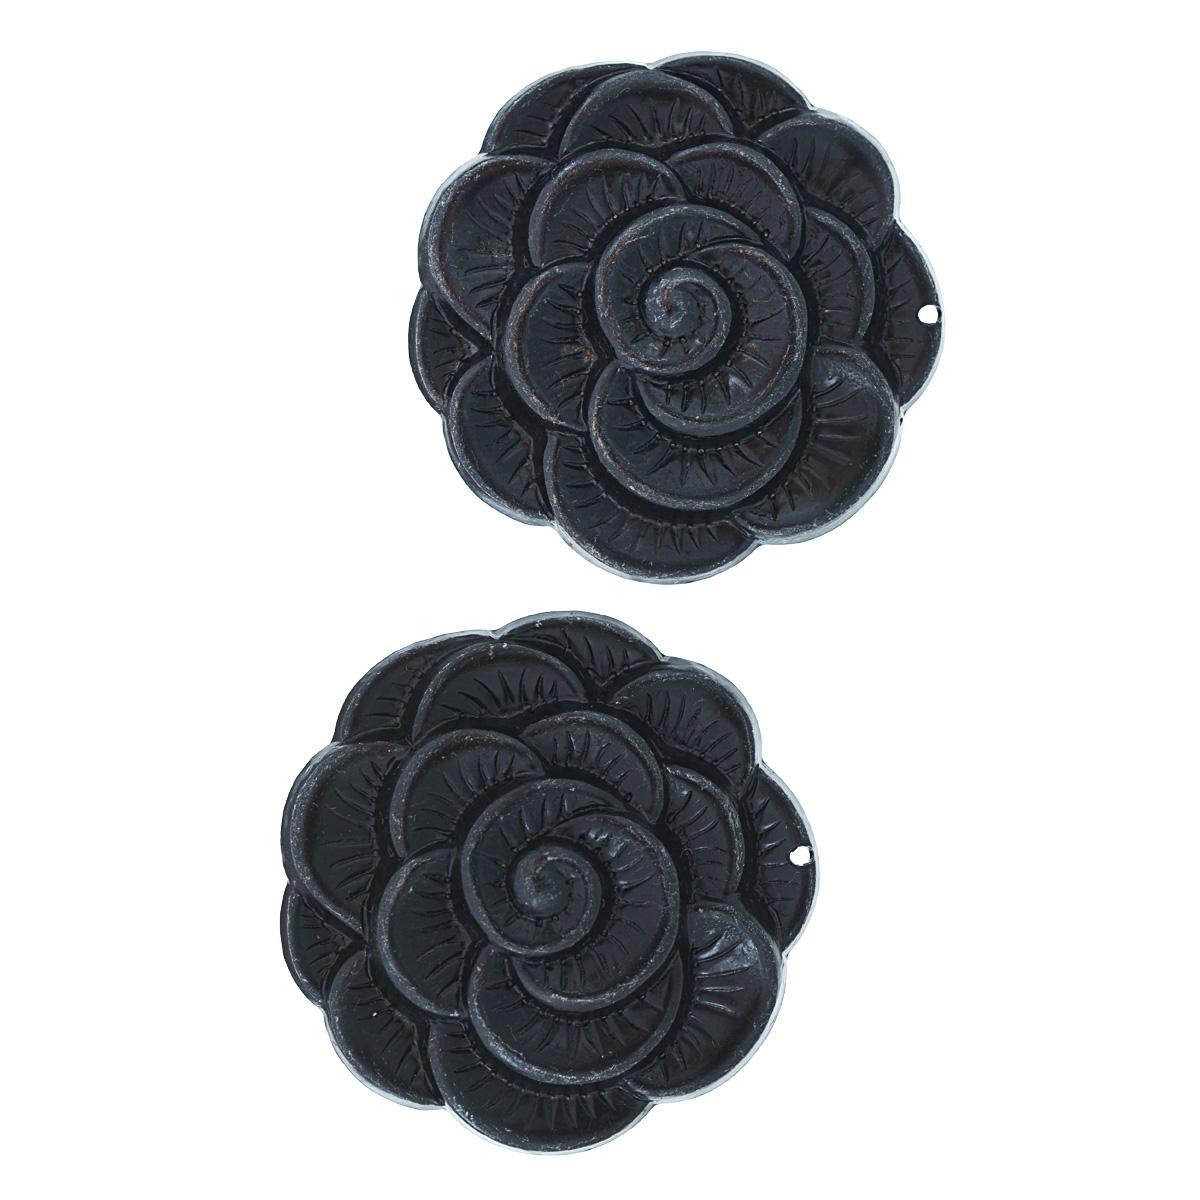 Набор подвесок Vintaj Распускающийся цветок, диаметр 38 мм, 2 штAP0011RRНабор Vintaj Распускающийся цветок состоит из 2 декоративных подвесок, изготовленных из металла и предназначенных для декорирования в различных техниках. Подвески, выполненные в виде цветов, отличаются прочностью и практичностью. С их помощью вы сможете украсить фотографию, альбом, одежду, подарок и другие предметы ручной работы. Изготовление украшений - занимательное хобби и реализация творческих способностей рукодельницы. Радуйте себя и своих близких украшениями, сделанными своими руками! Диаметр подвески: 38 мм.